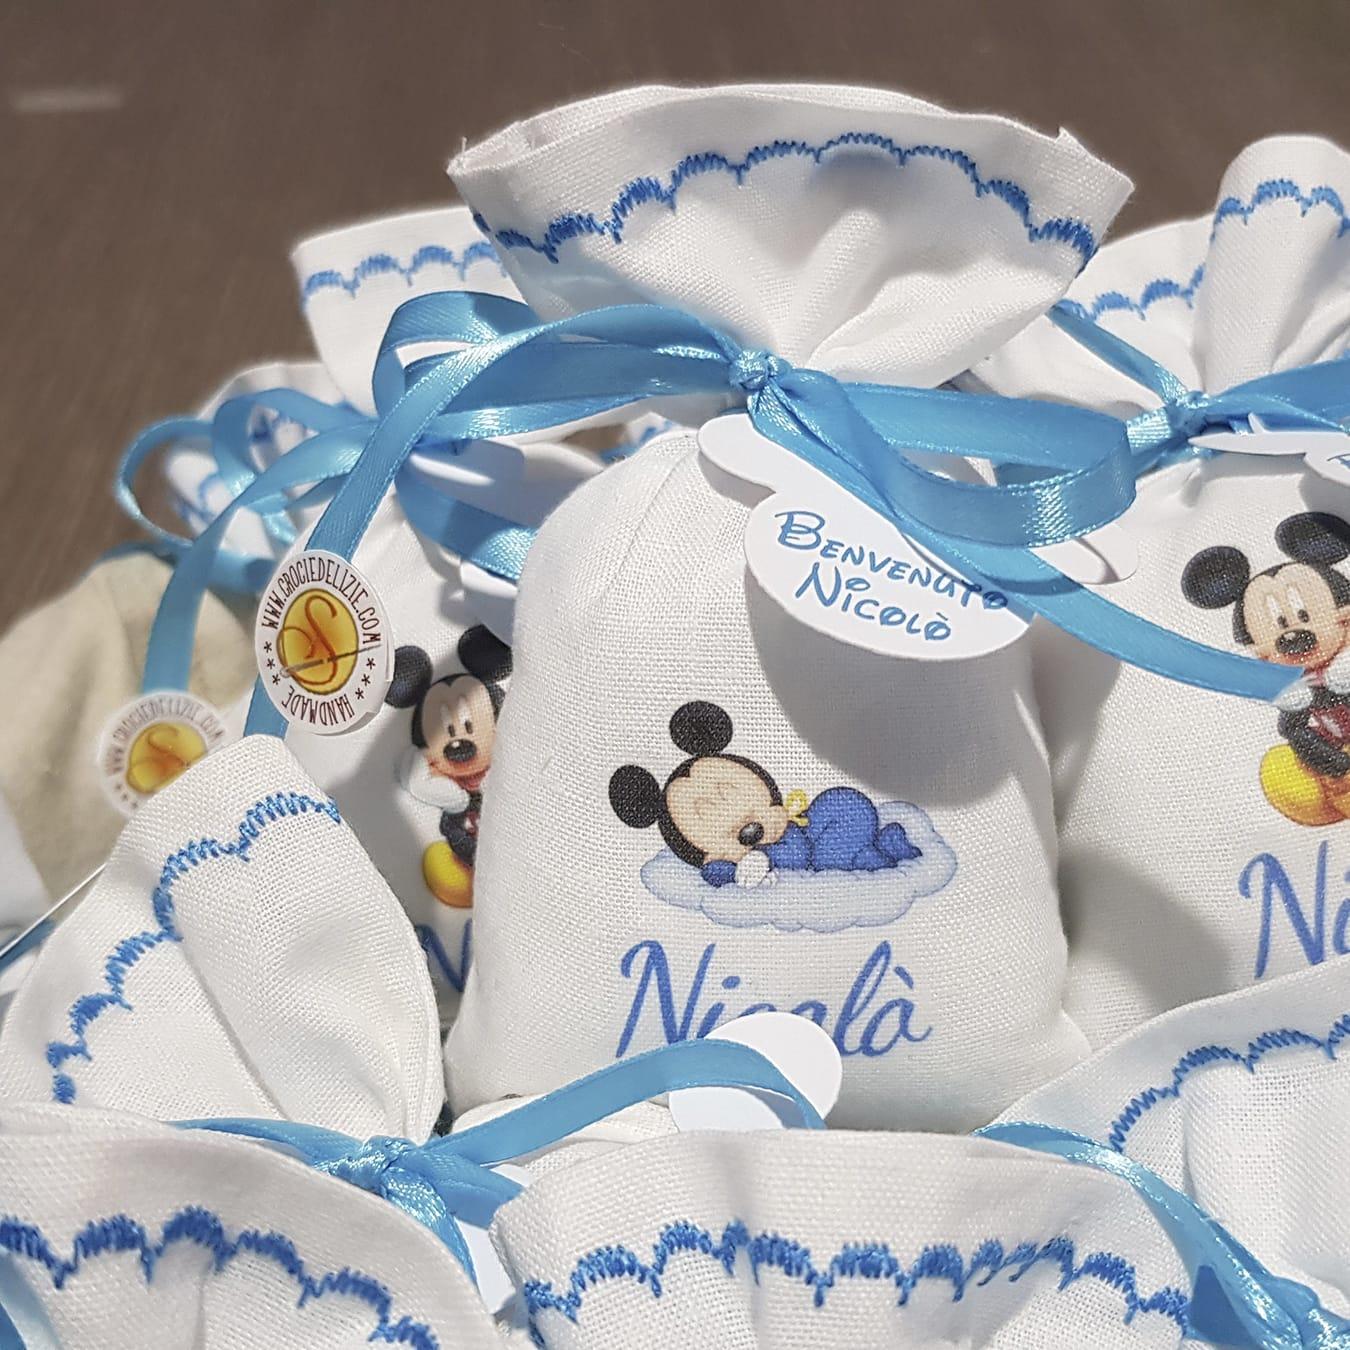 Portaconfetti Topolino personalizzati con nome bimbo - www.crociedelizie.com